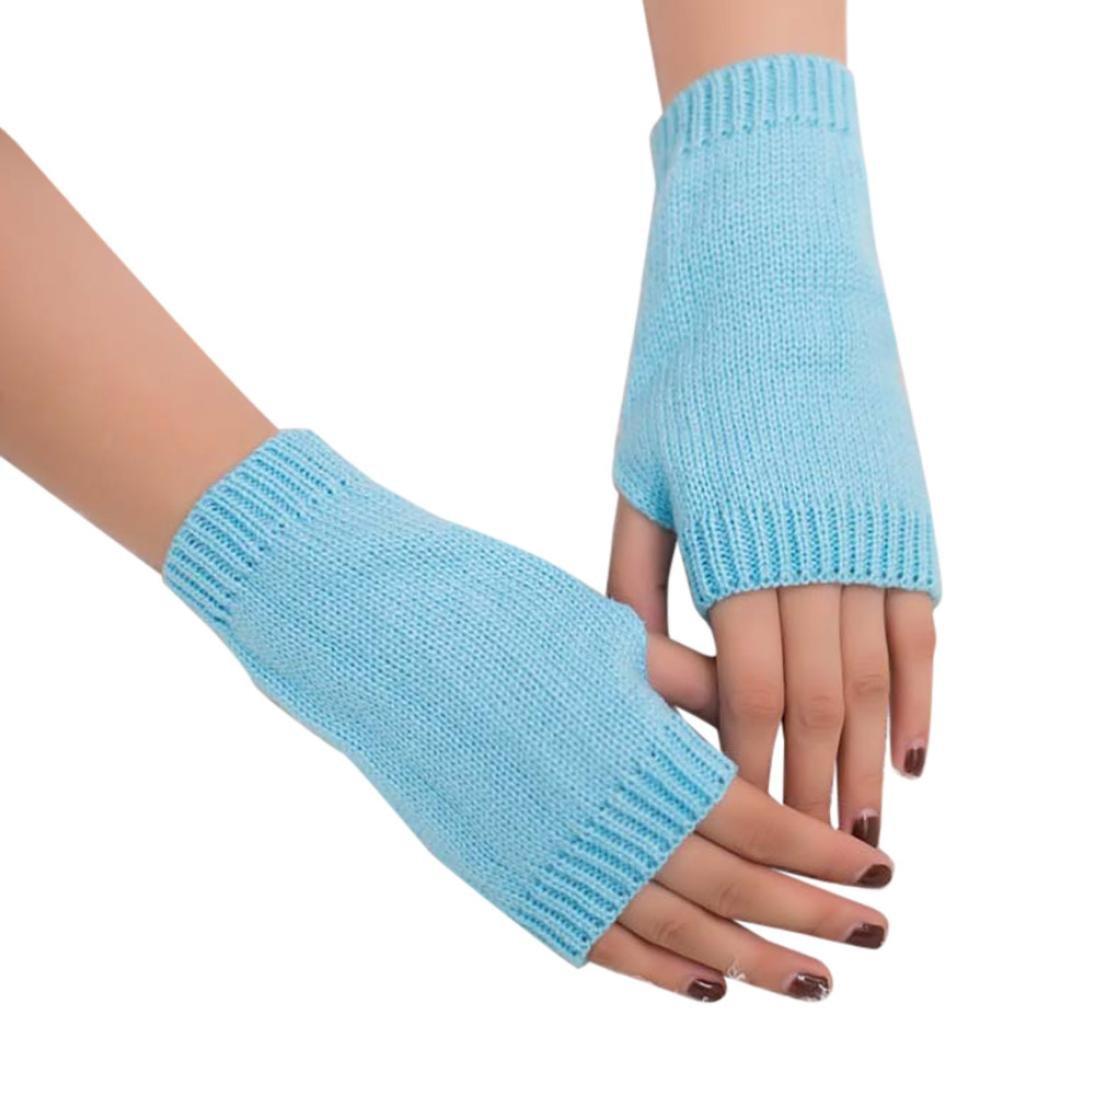 Becoler Women's Solid Knitted Half Fingerless Thumb Hole Gloves Short Fingerless Knitted Gloves